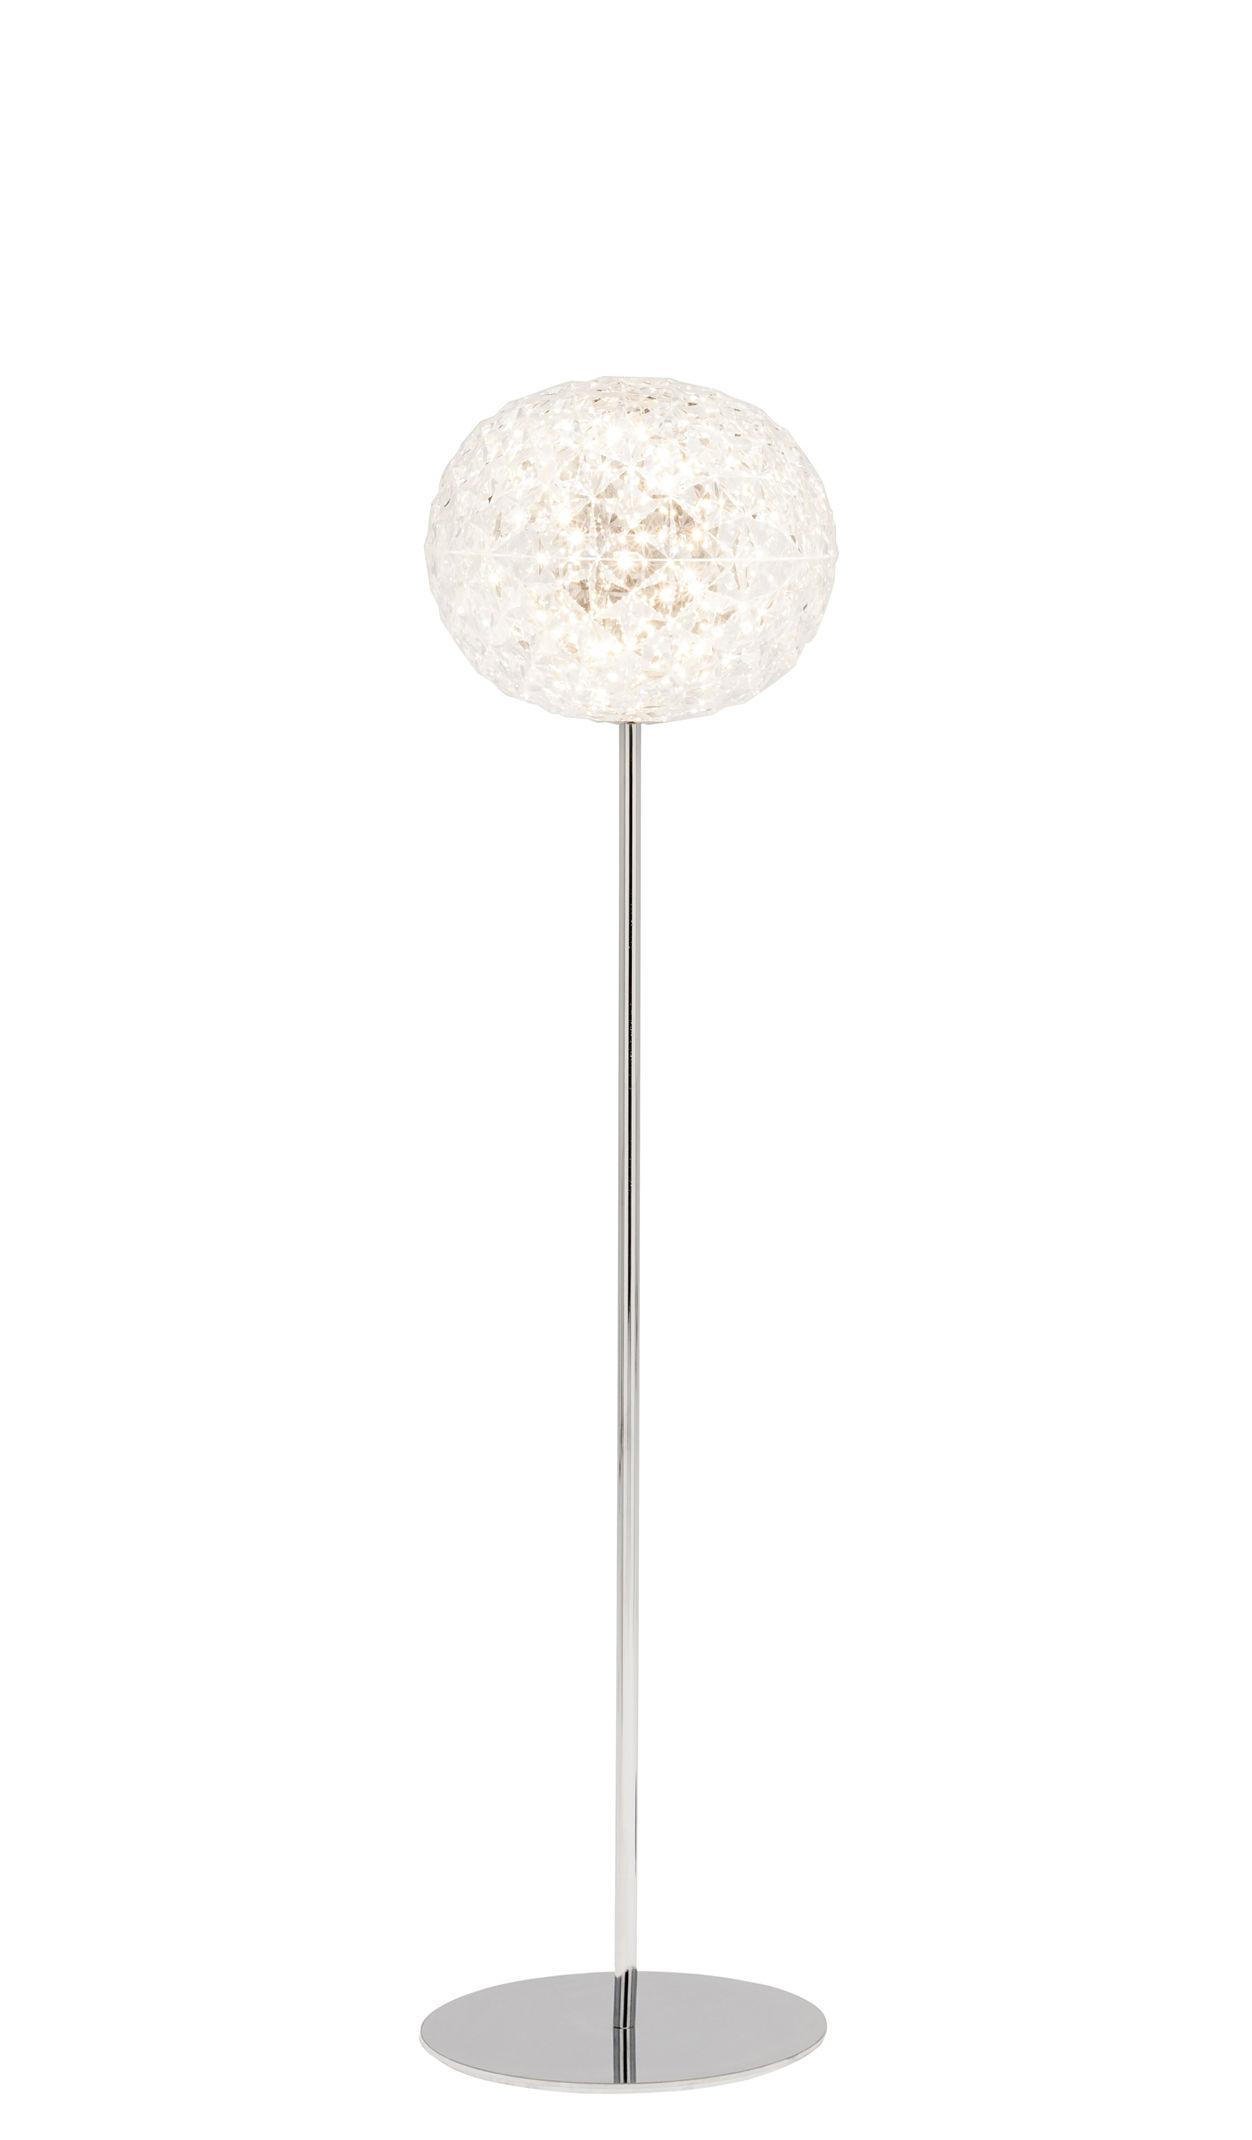 Luminaire - Lampadaires - Lampadaire Planet / LED - H 130 cm - Kartell - Cristal / Pied argent - Aluminium, Technopolymère thermoplastique